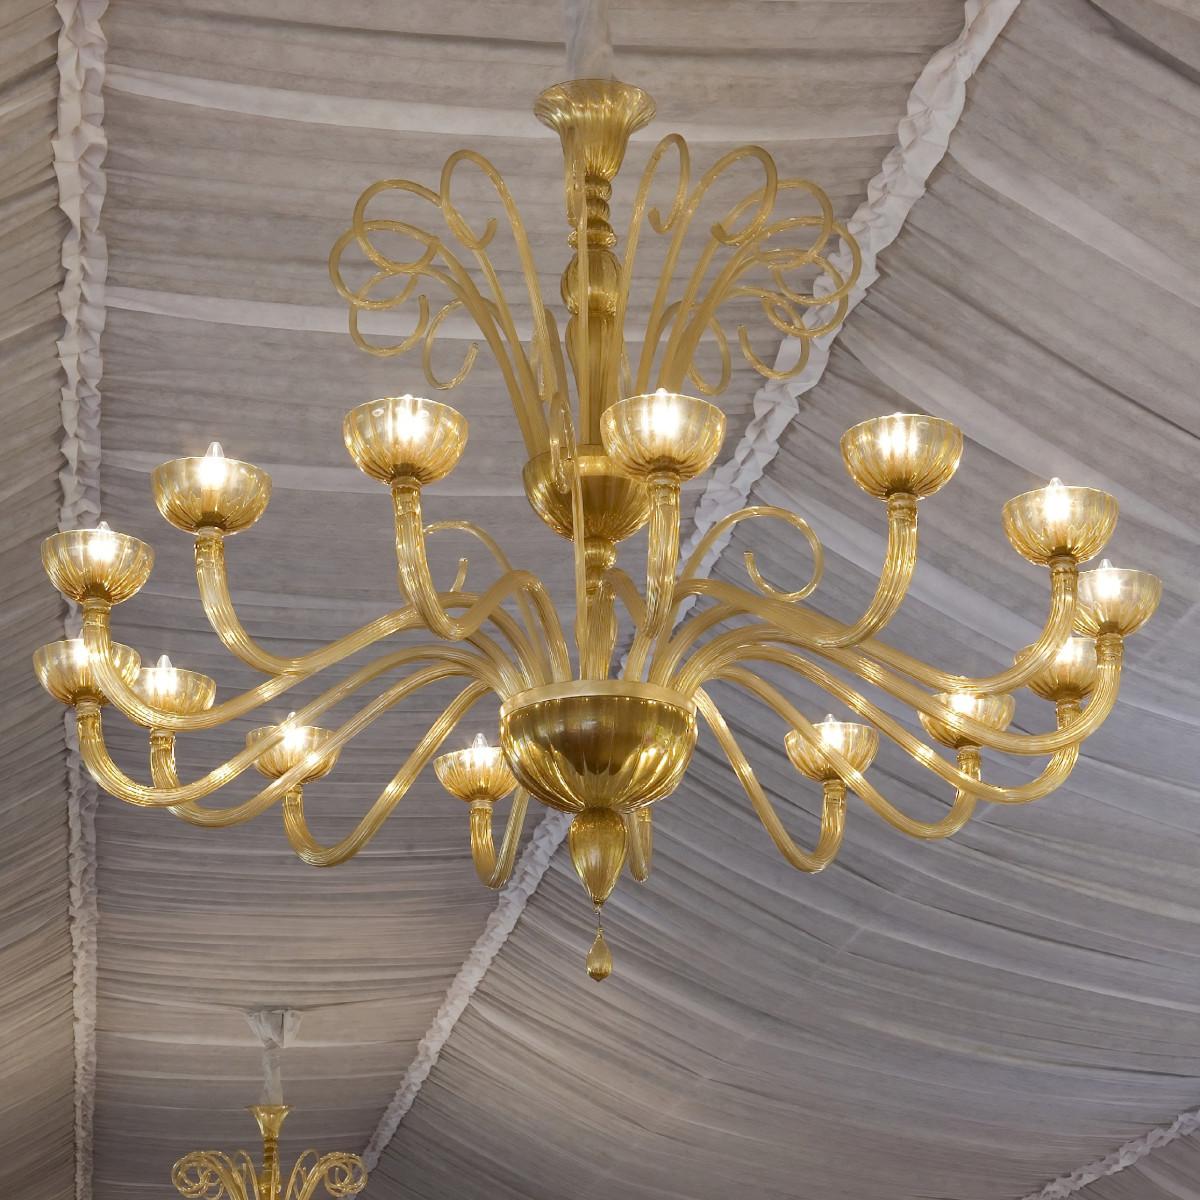 """""""Sinfonia"""" lampara de araña de Murano - 15 luces - ambar y gold"""